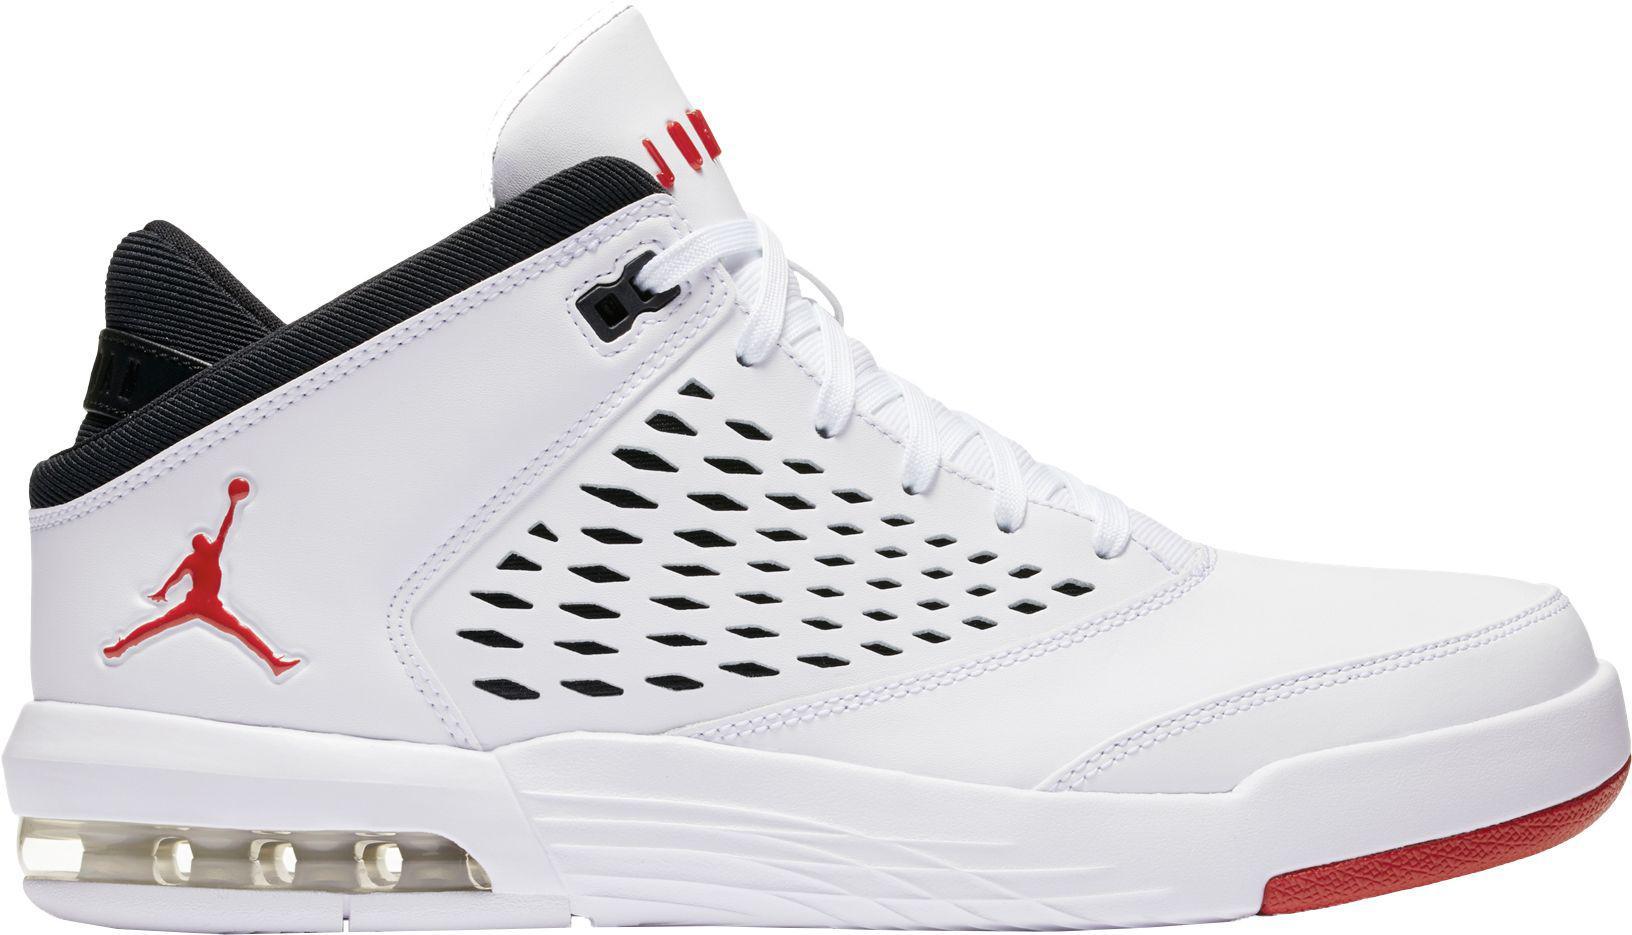 ee45fb6e54db66 Lyst - Nike Flight Origin 4 Basketball Shoes in White for Men